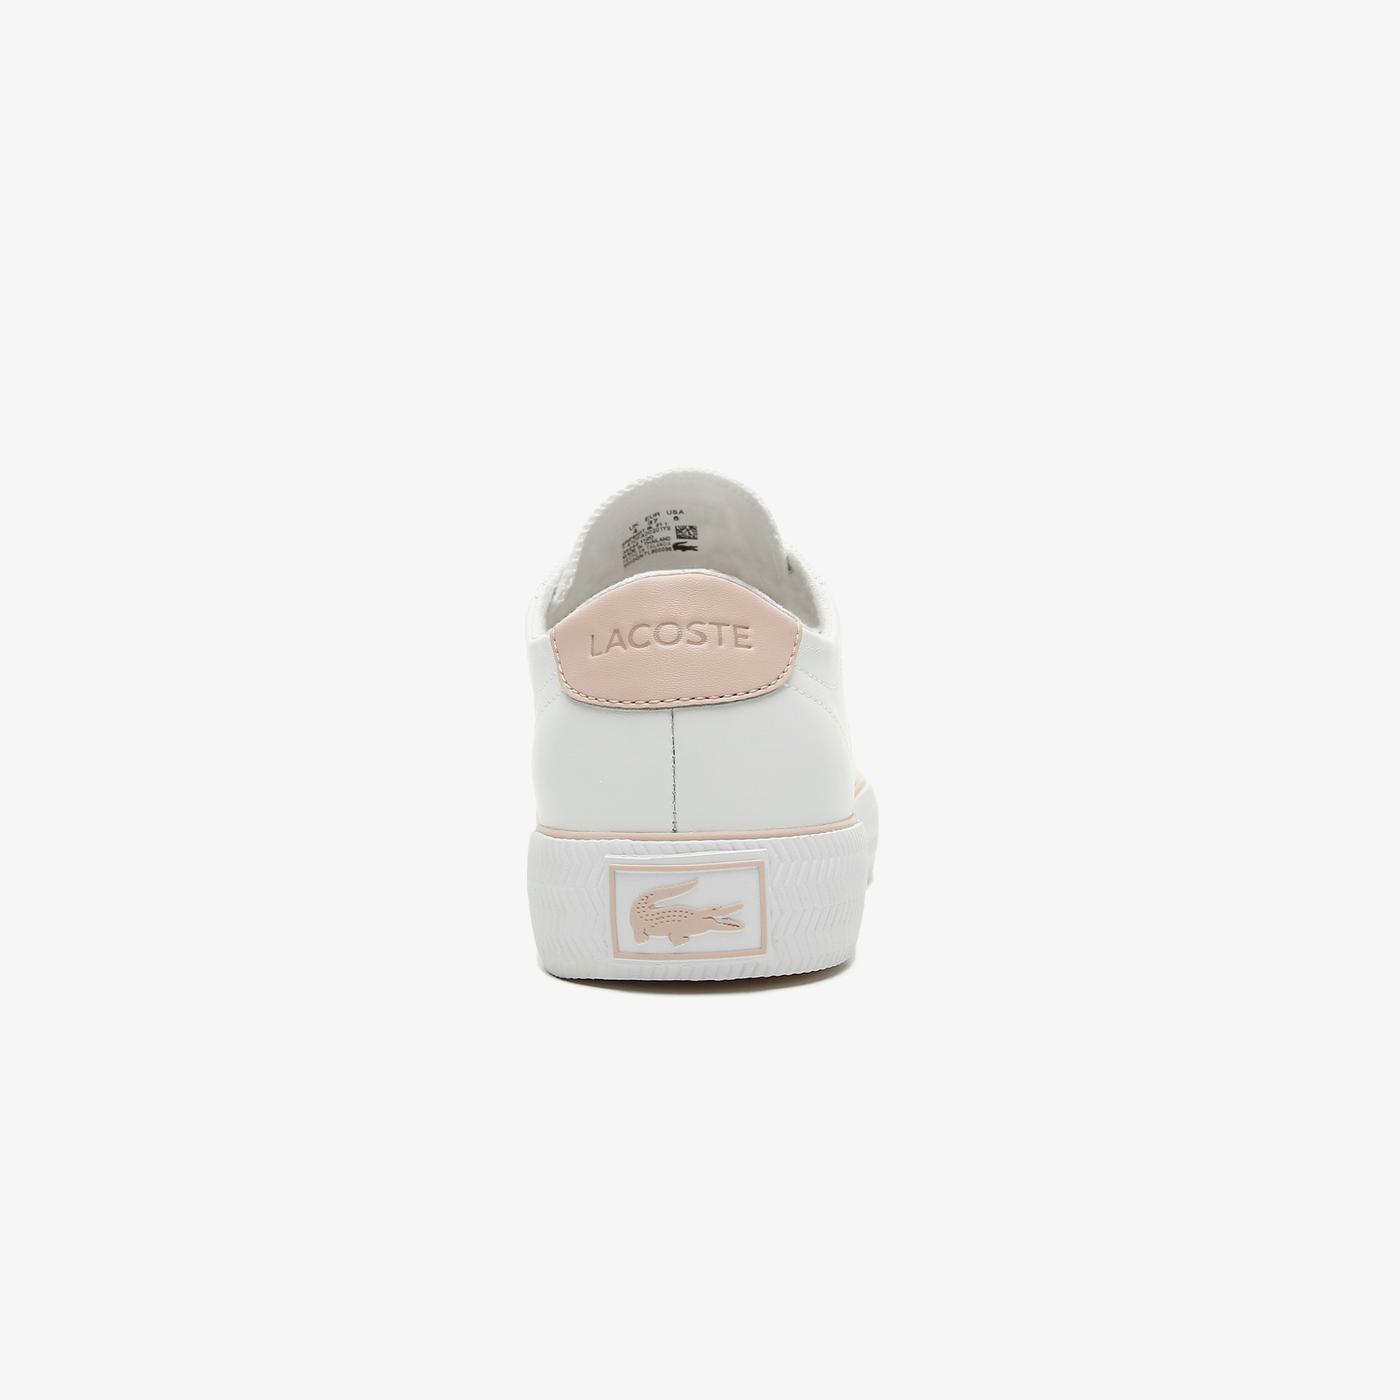 Lacoste Gripshot Bl 21 1 Cfa Kadın Beyaz - Açık Pembe Spor Ayakkabı